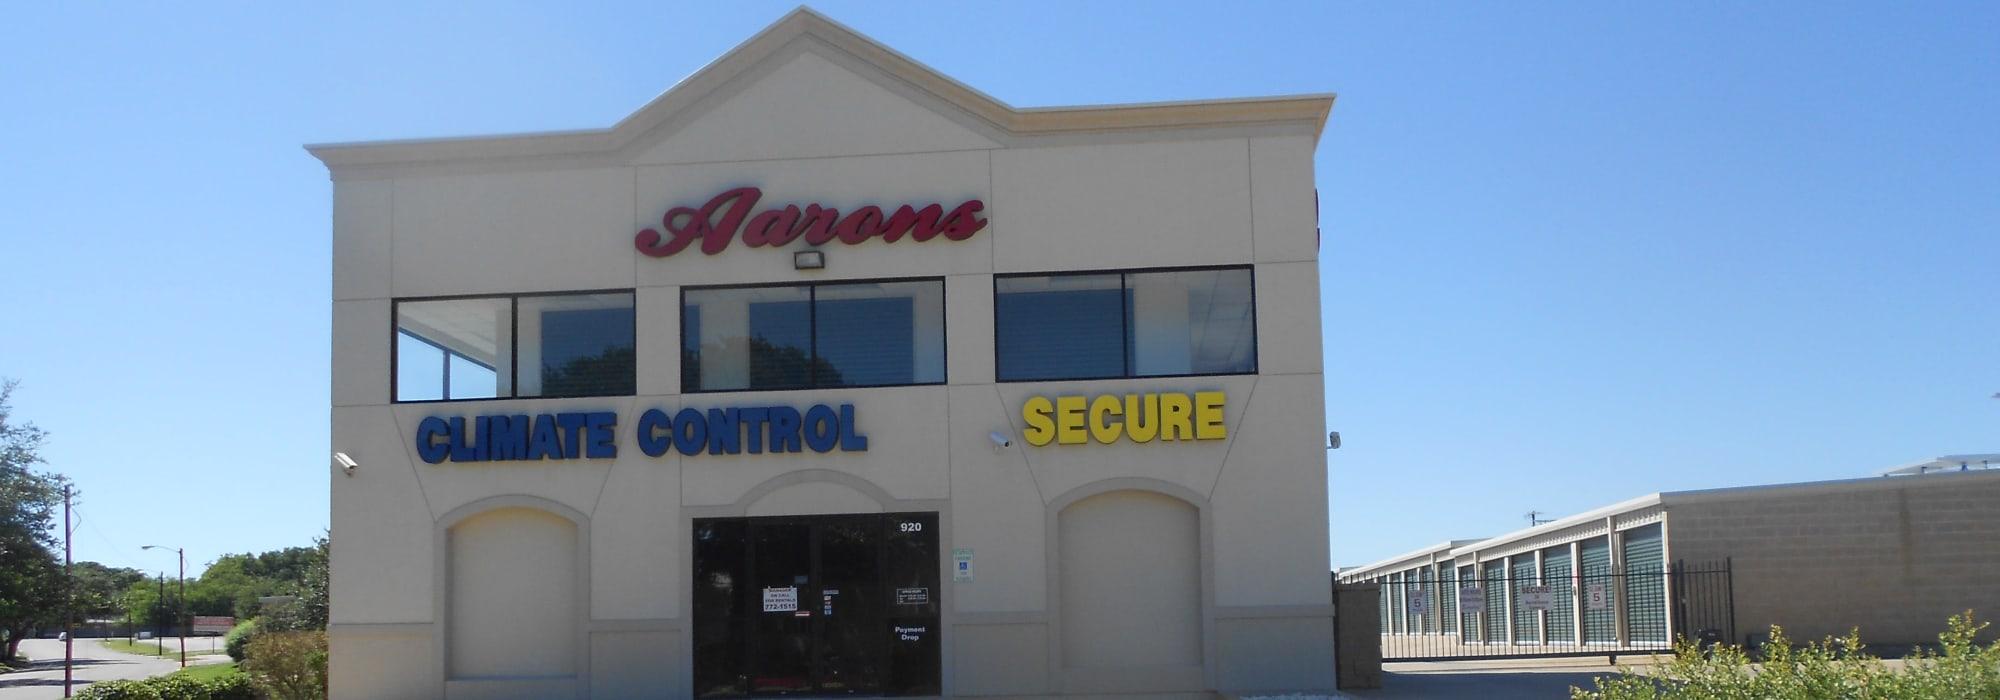 Aarons Self Storage 3 self storage in Waco, Texas